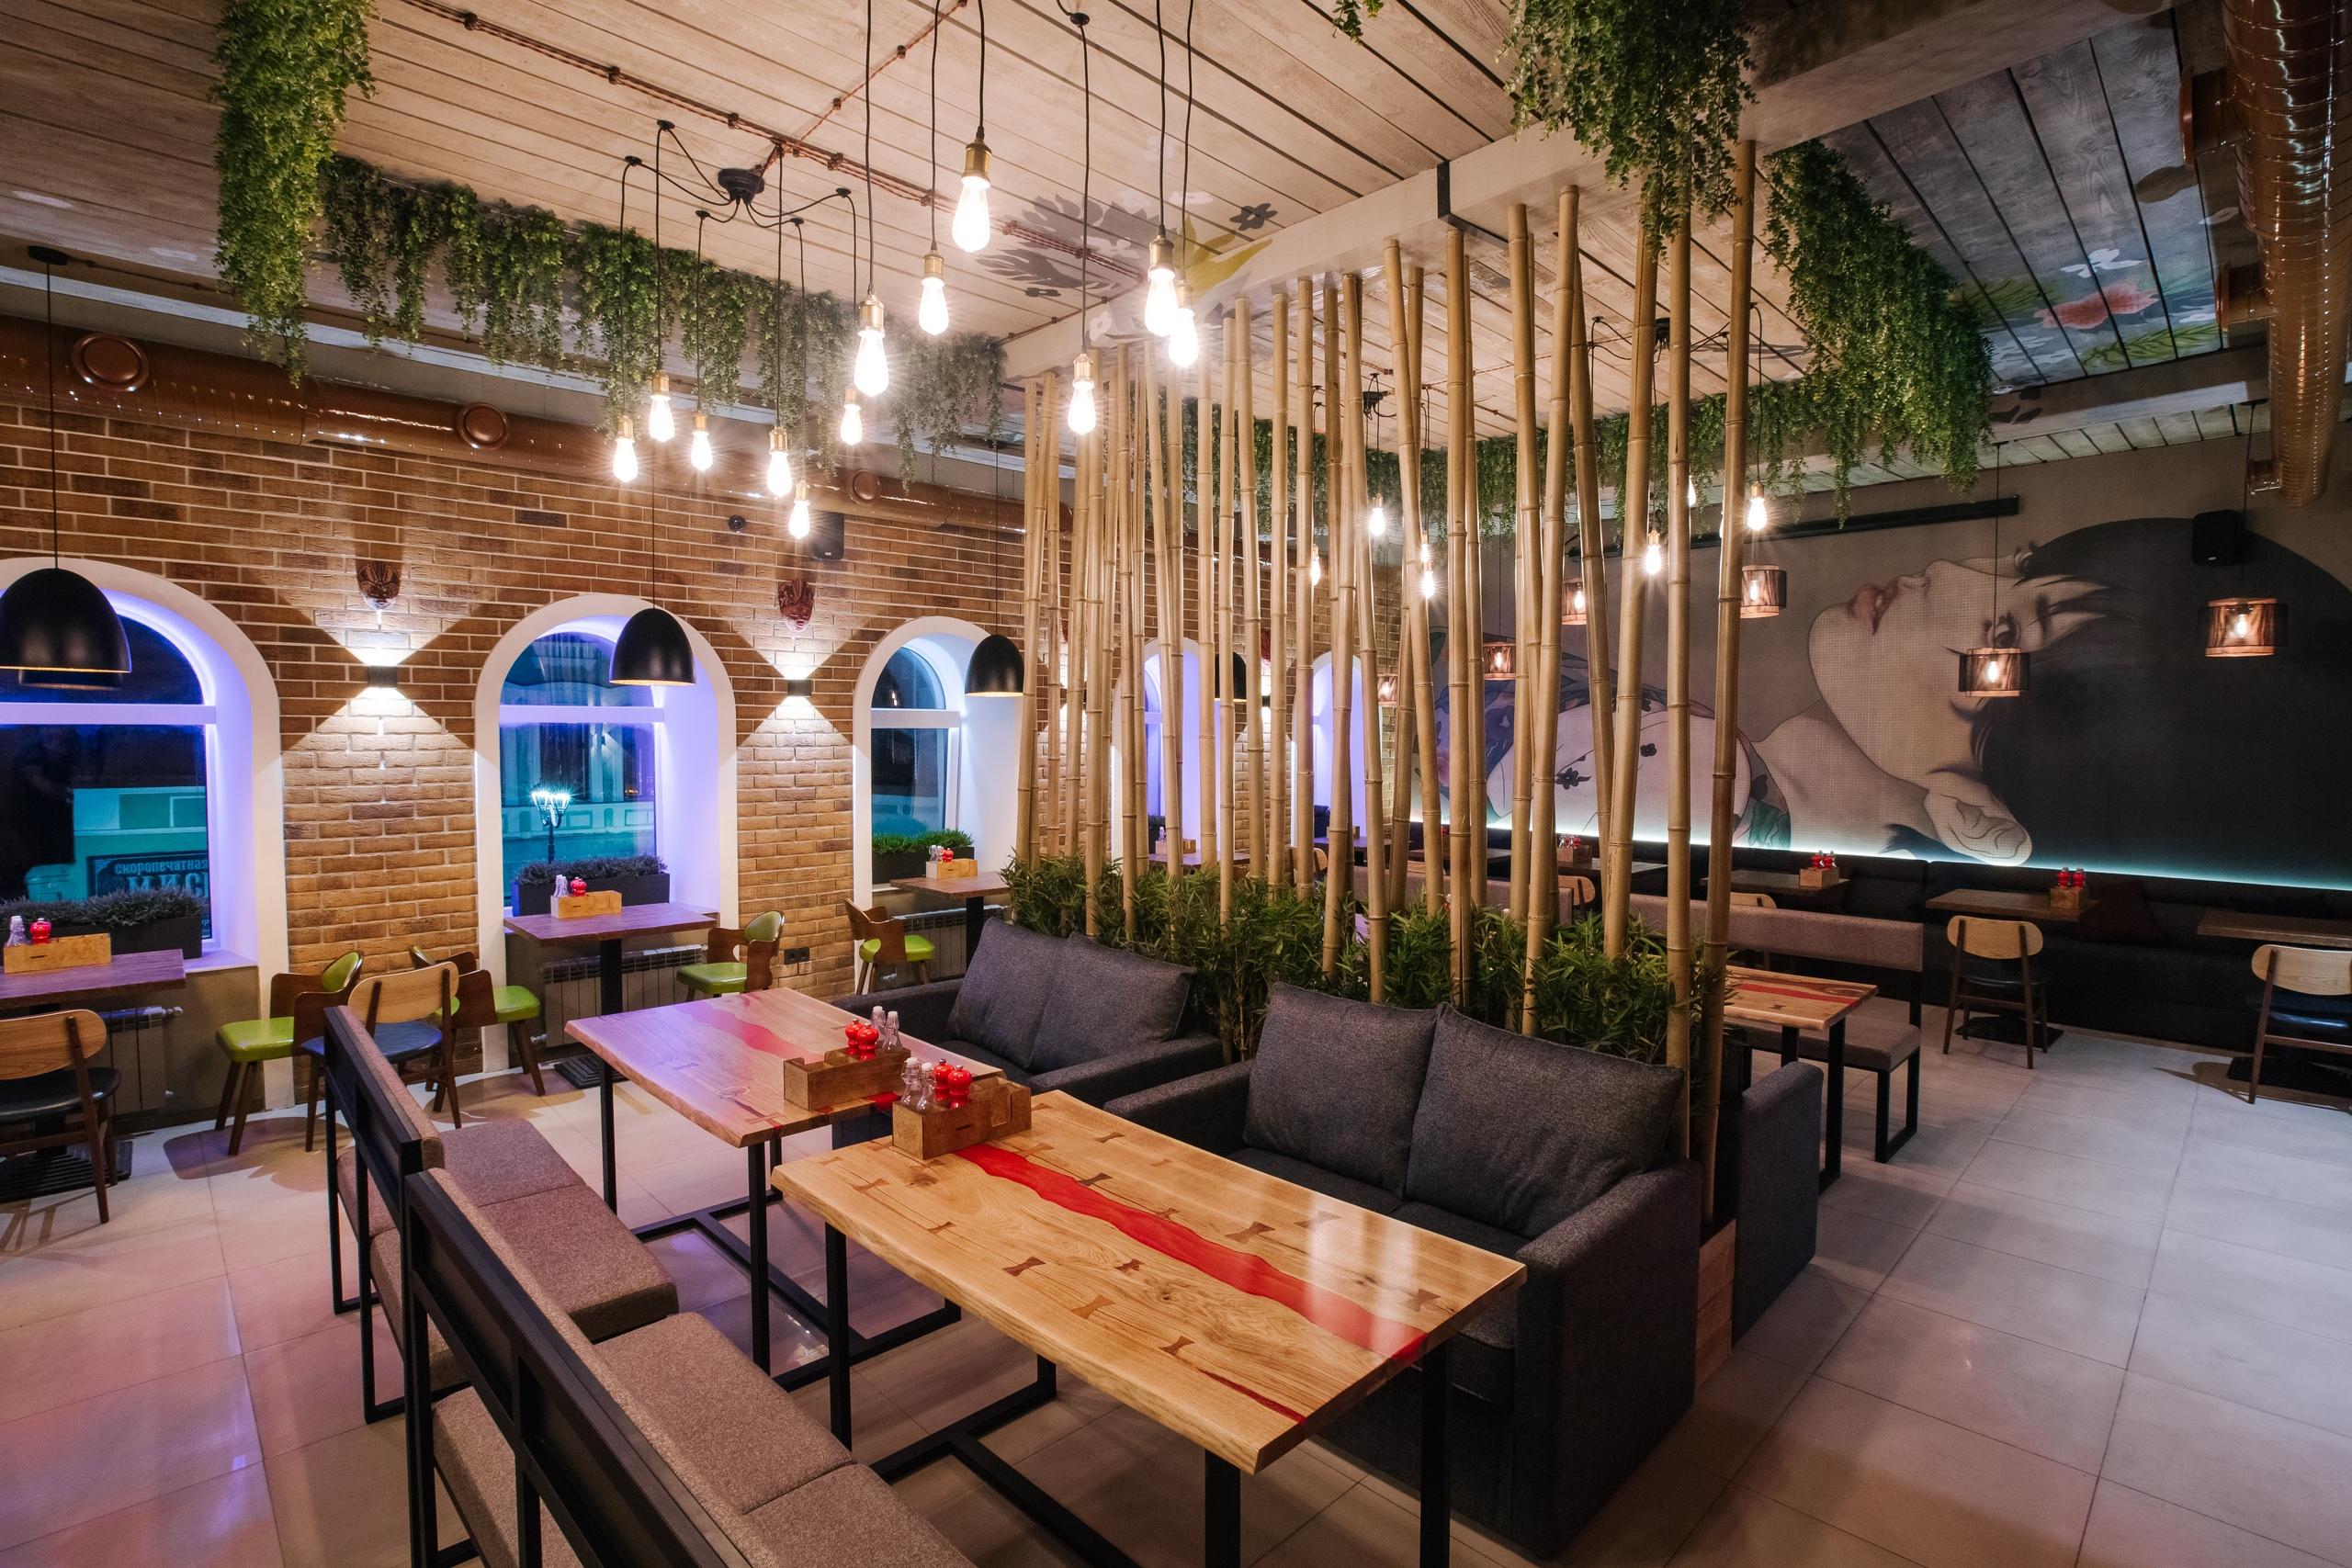 Атмосфера ресторана располагает к уютным посиделкам с друзьями или семьей